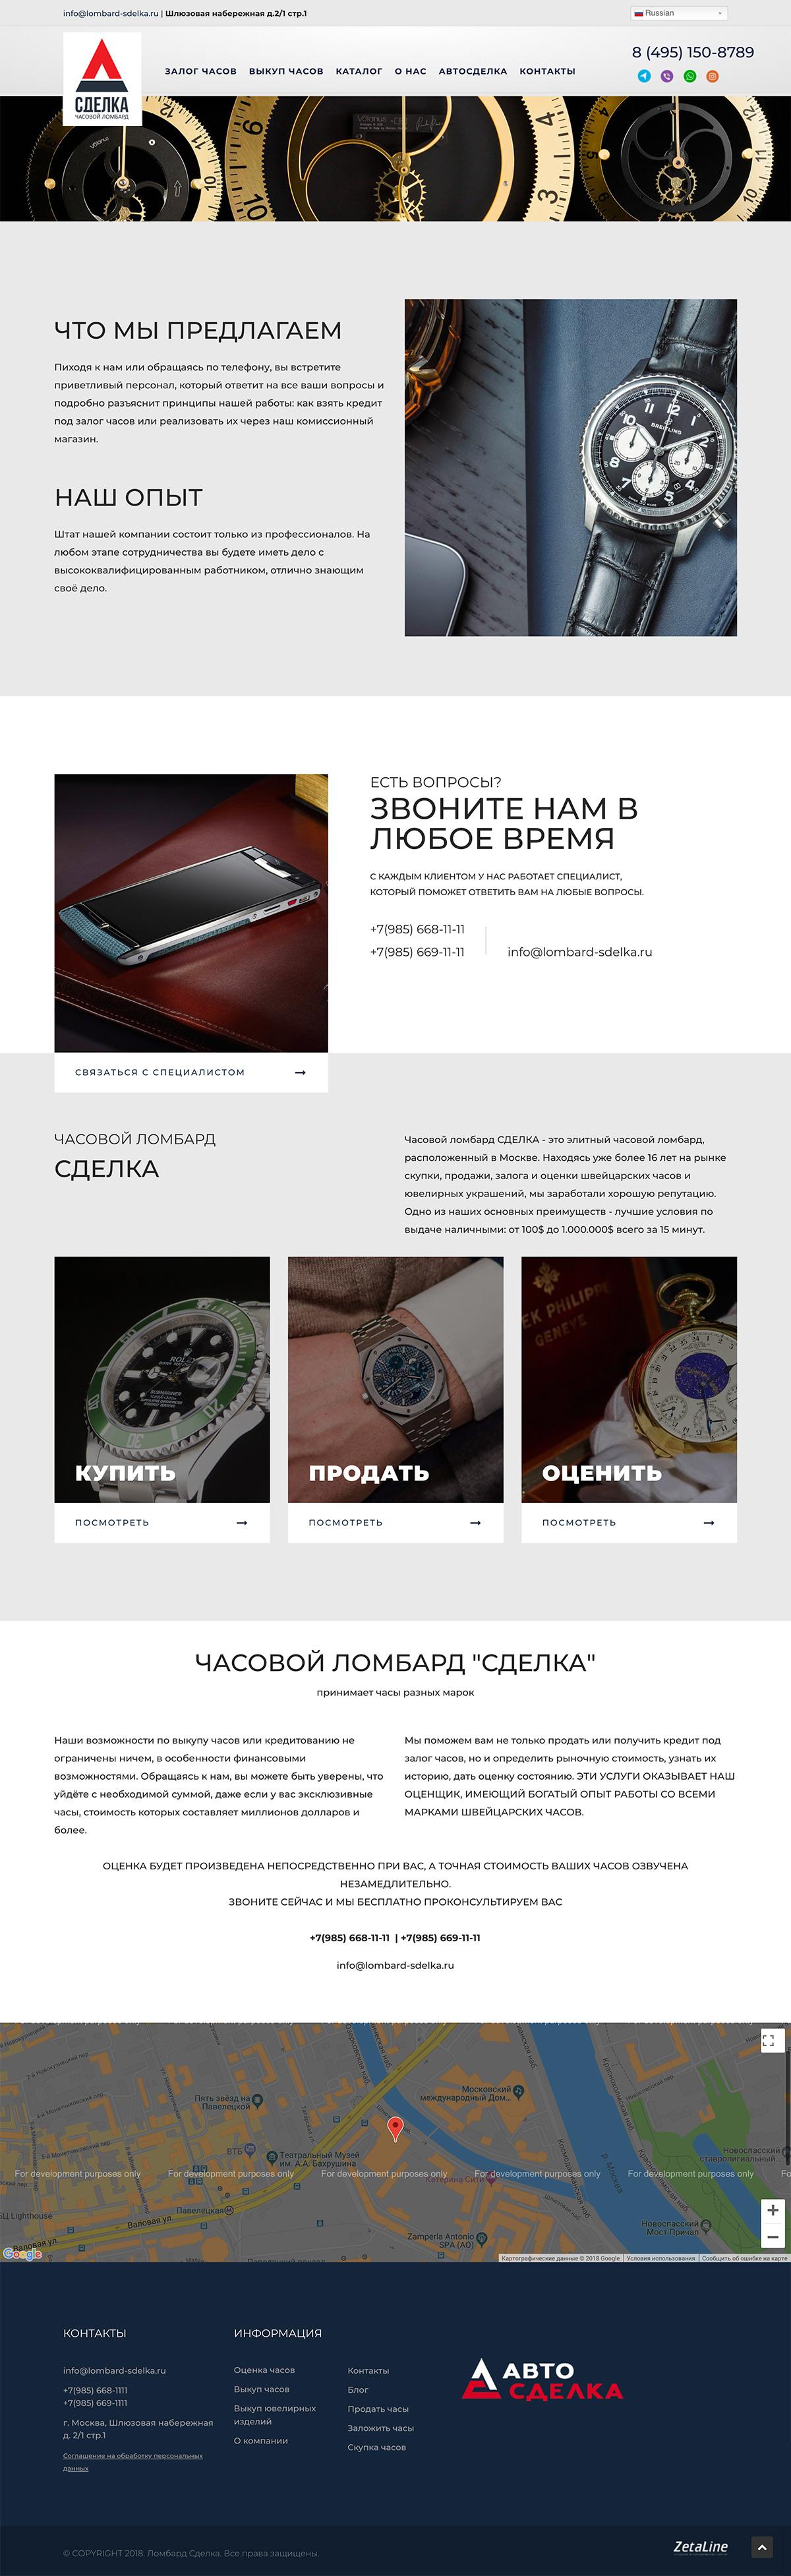 Время часовой ломбард наше старые москва продать часы